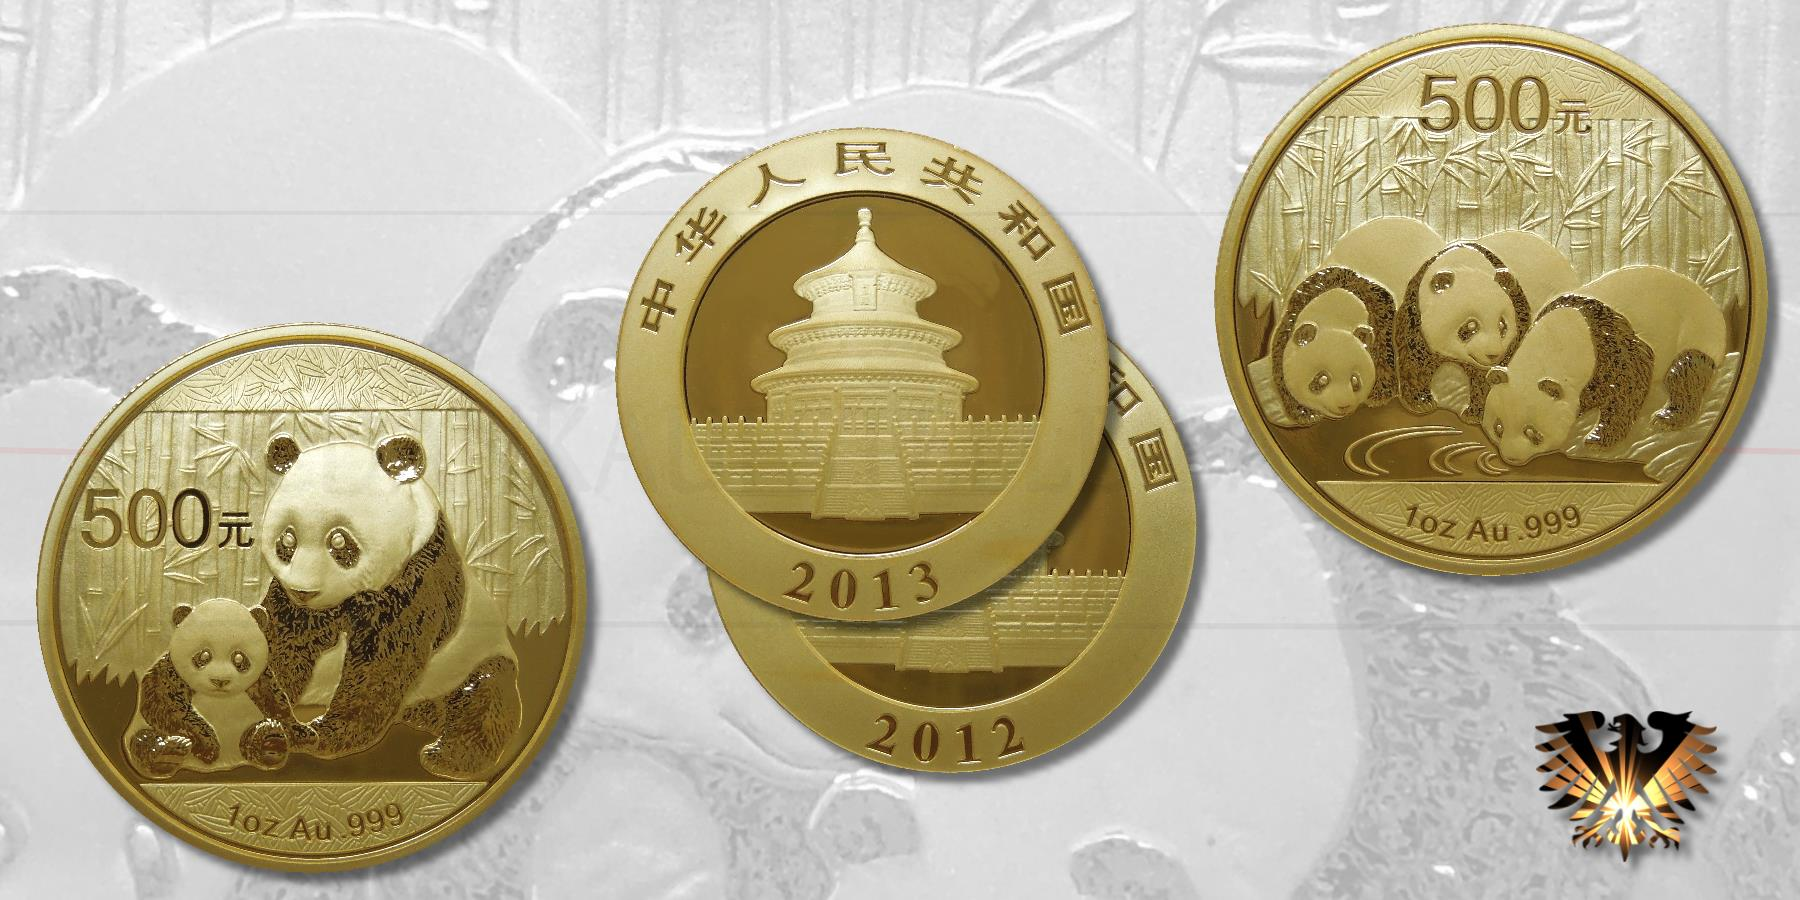 Vorder und Rückseiten der chinesischen Gold Panda Münzen von 2012 (Panda mit Jungtier) und 2013 (3 junge Pandabären) im Vergleich. Jeweils 1 Unze Feingold , Wert 500 Yuan!!